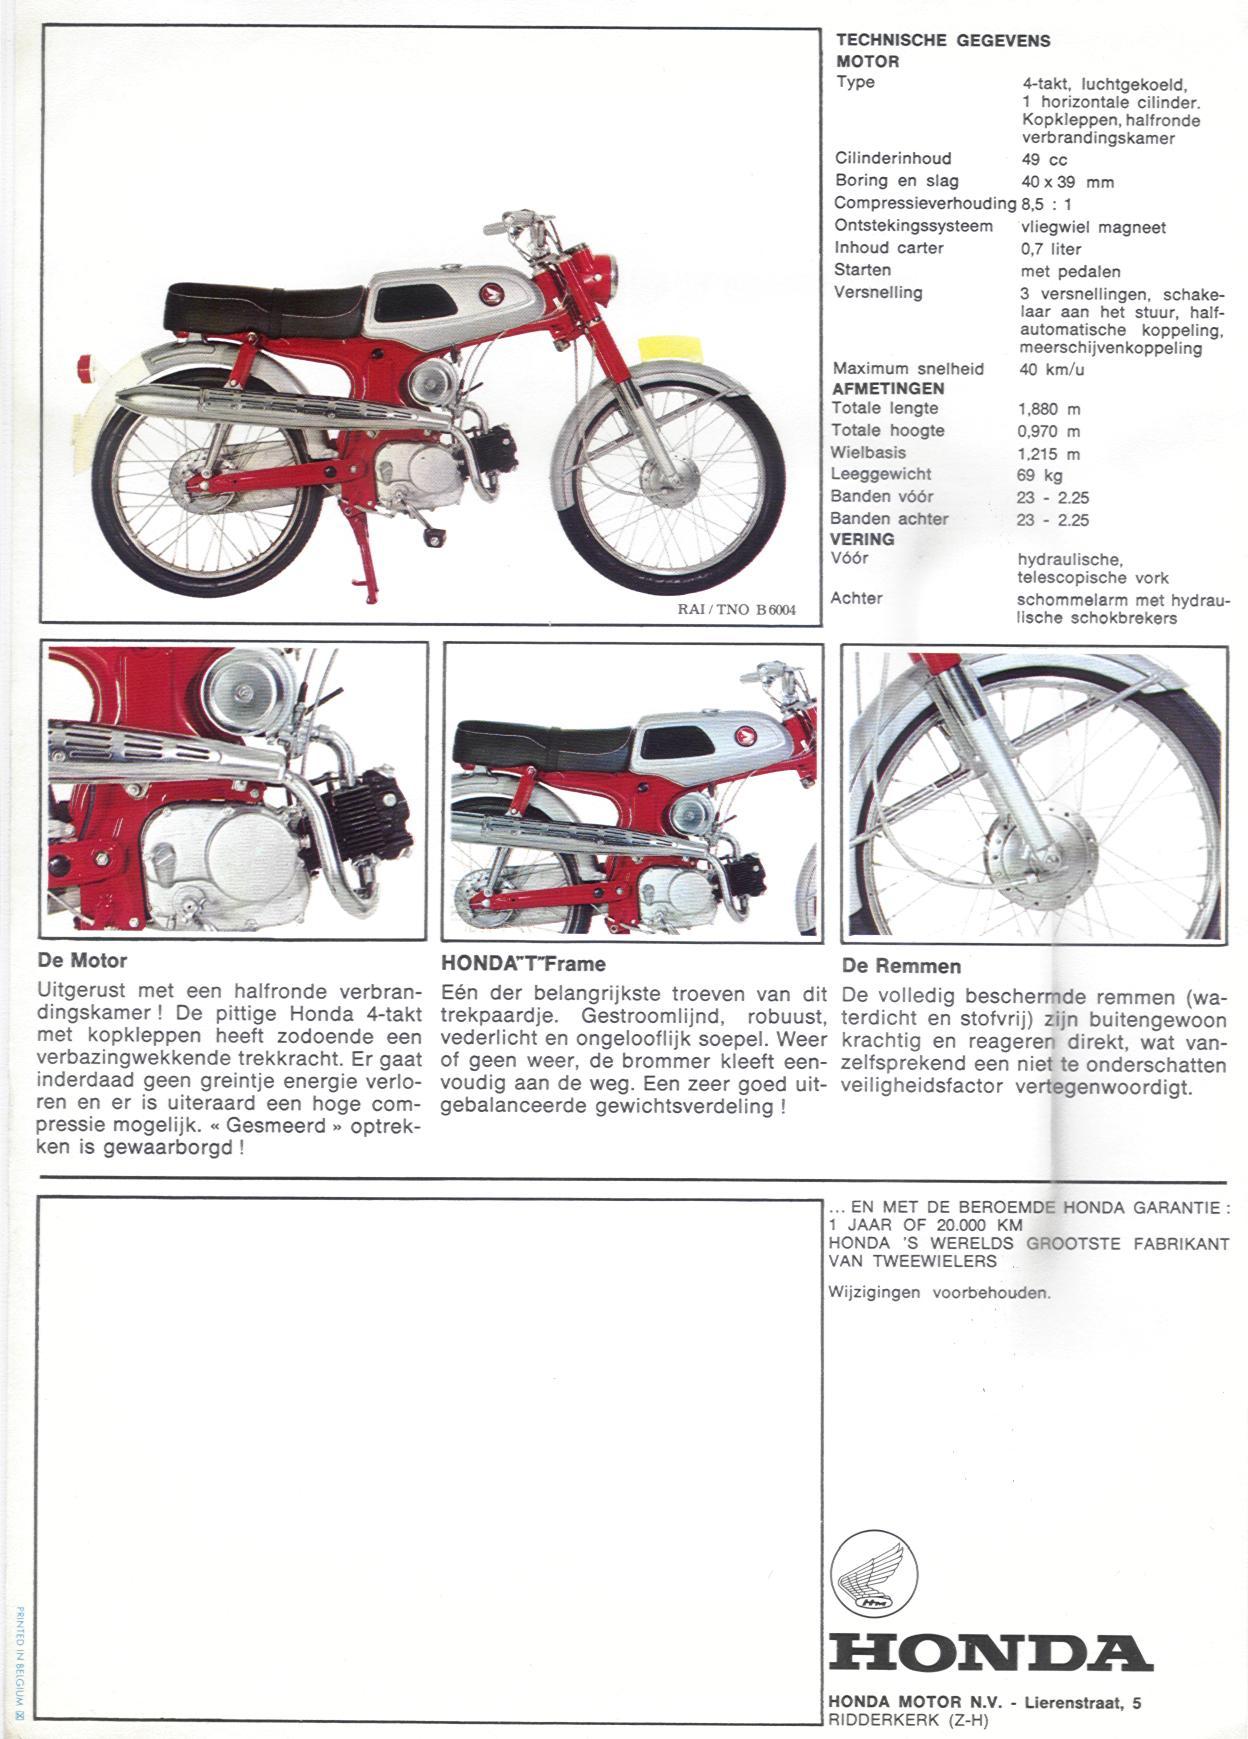 Honda TT50 1 back (12-13-13-10-44-10)